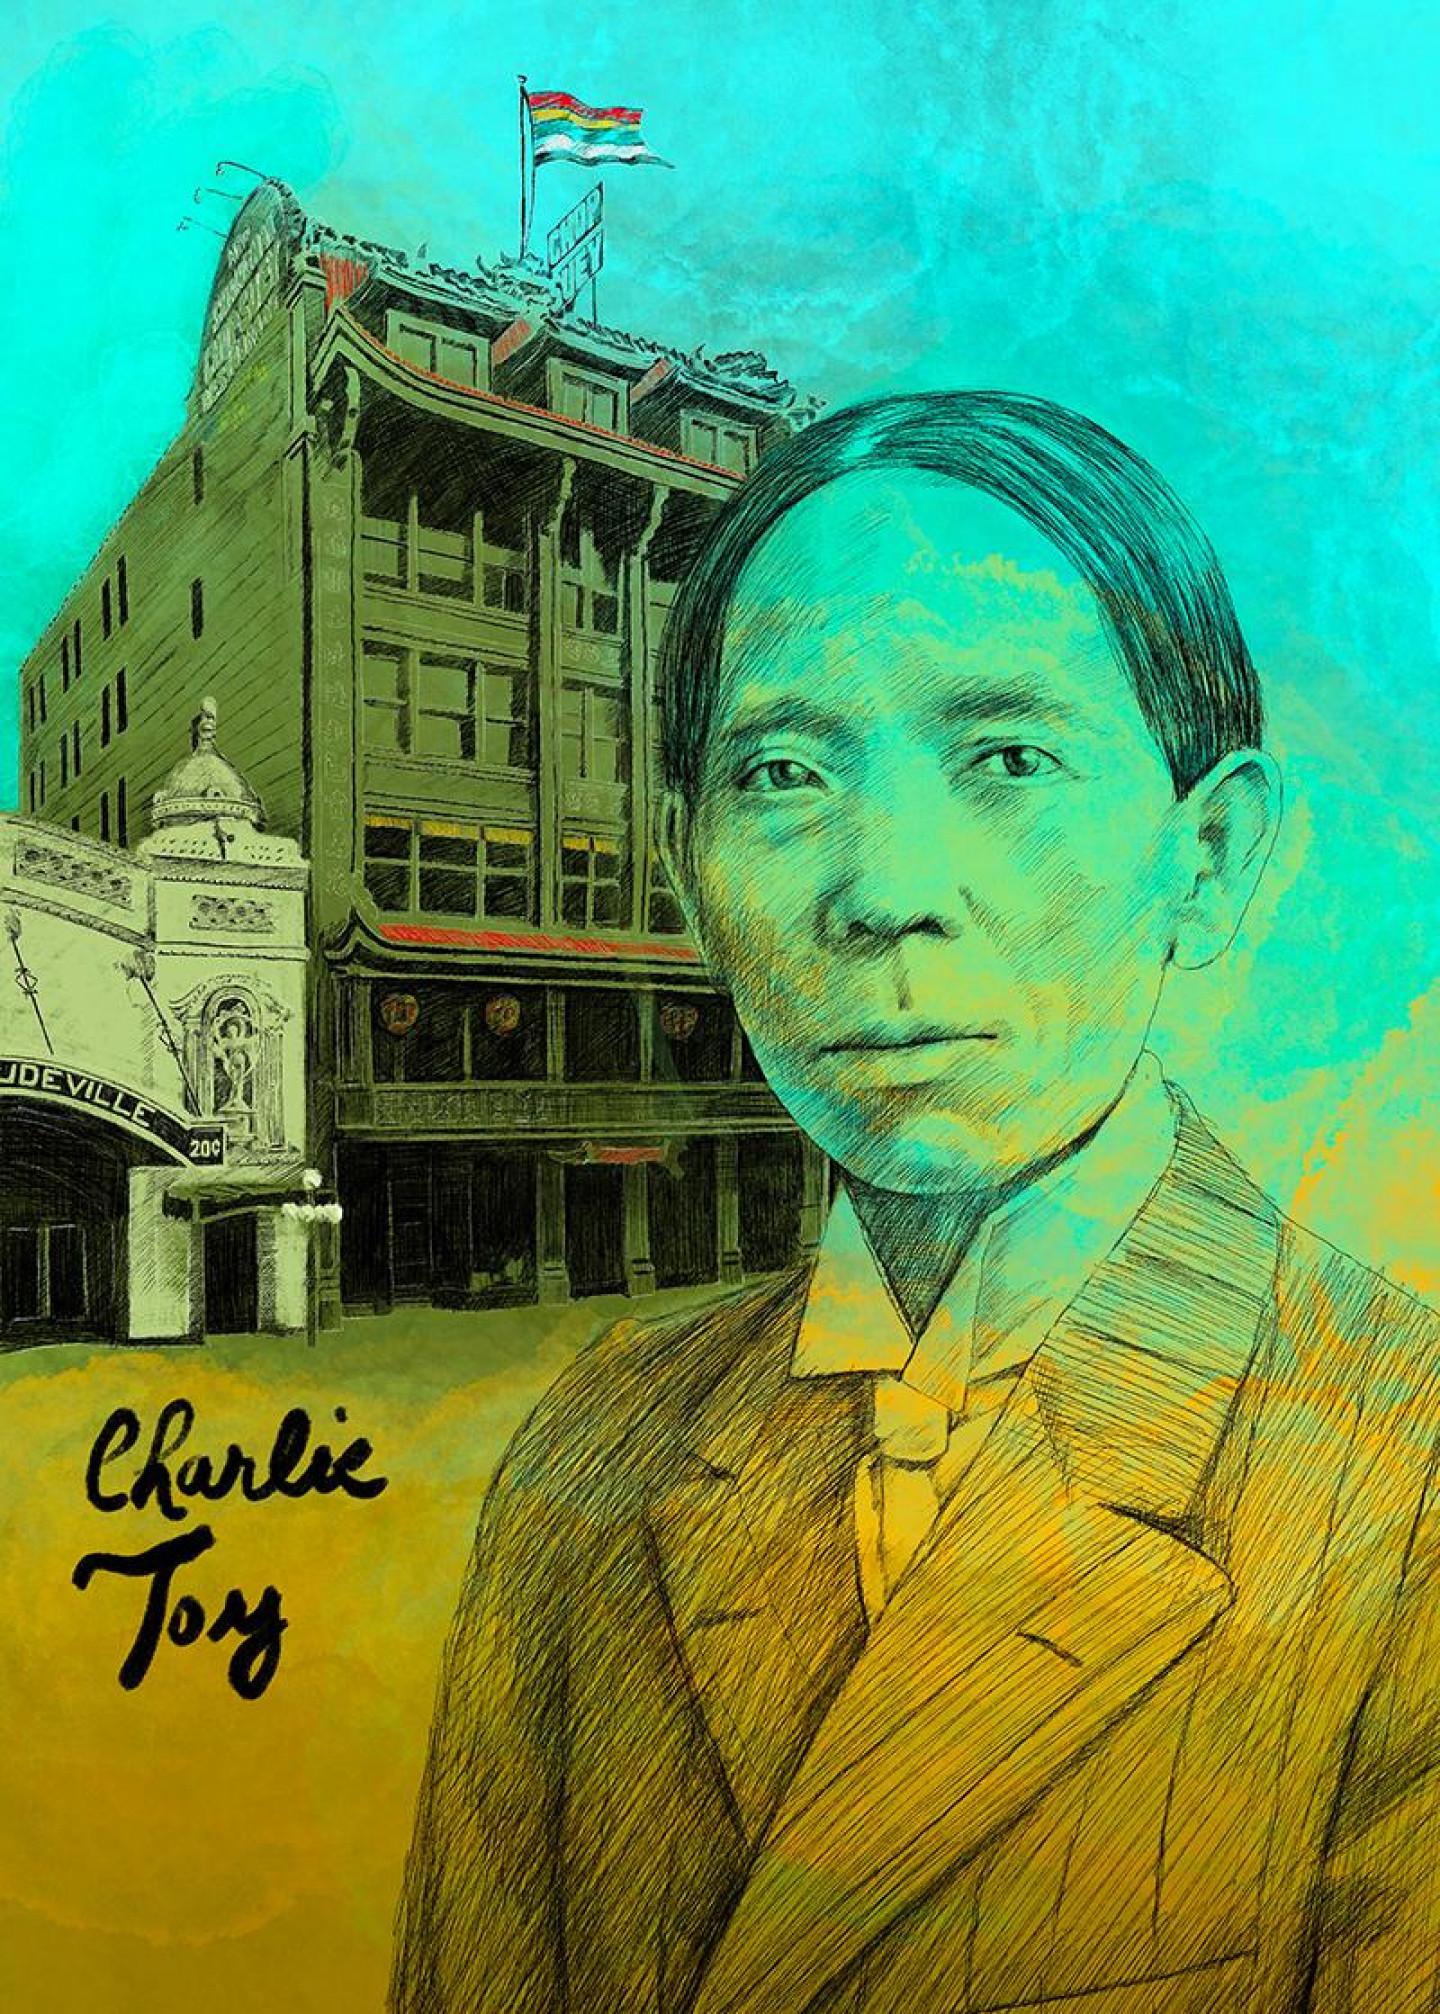 Charlie Toy v2 800